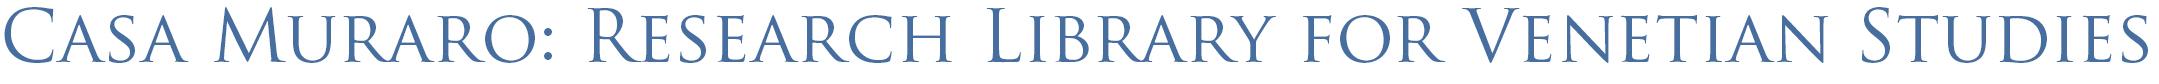 Casa Muraro: Research Library for Venetian Studies logo